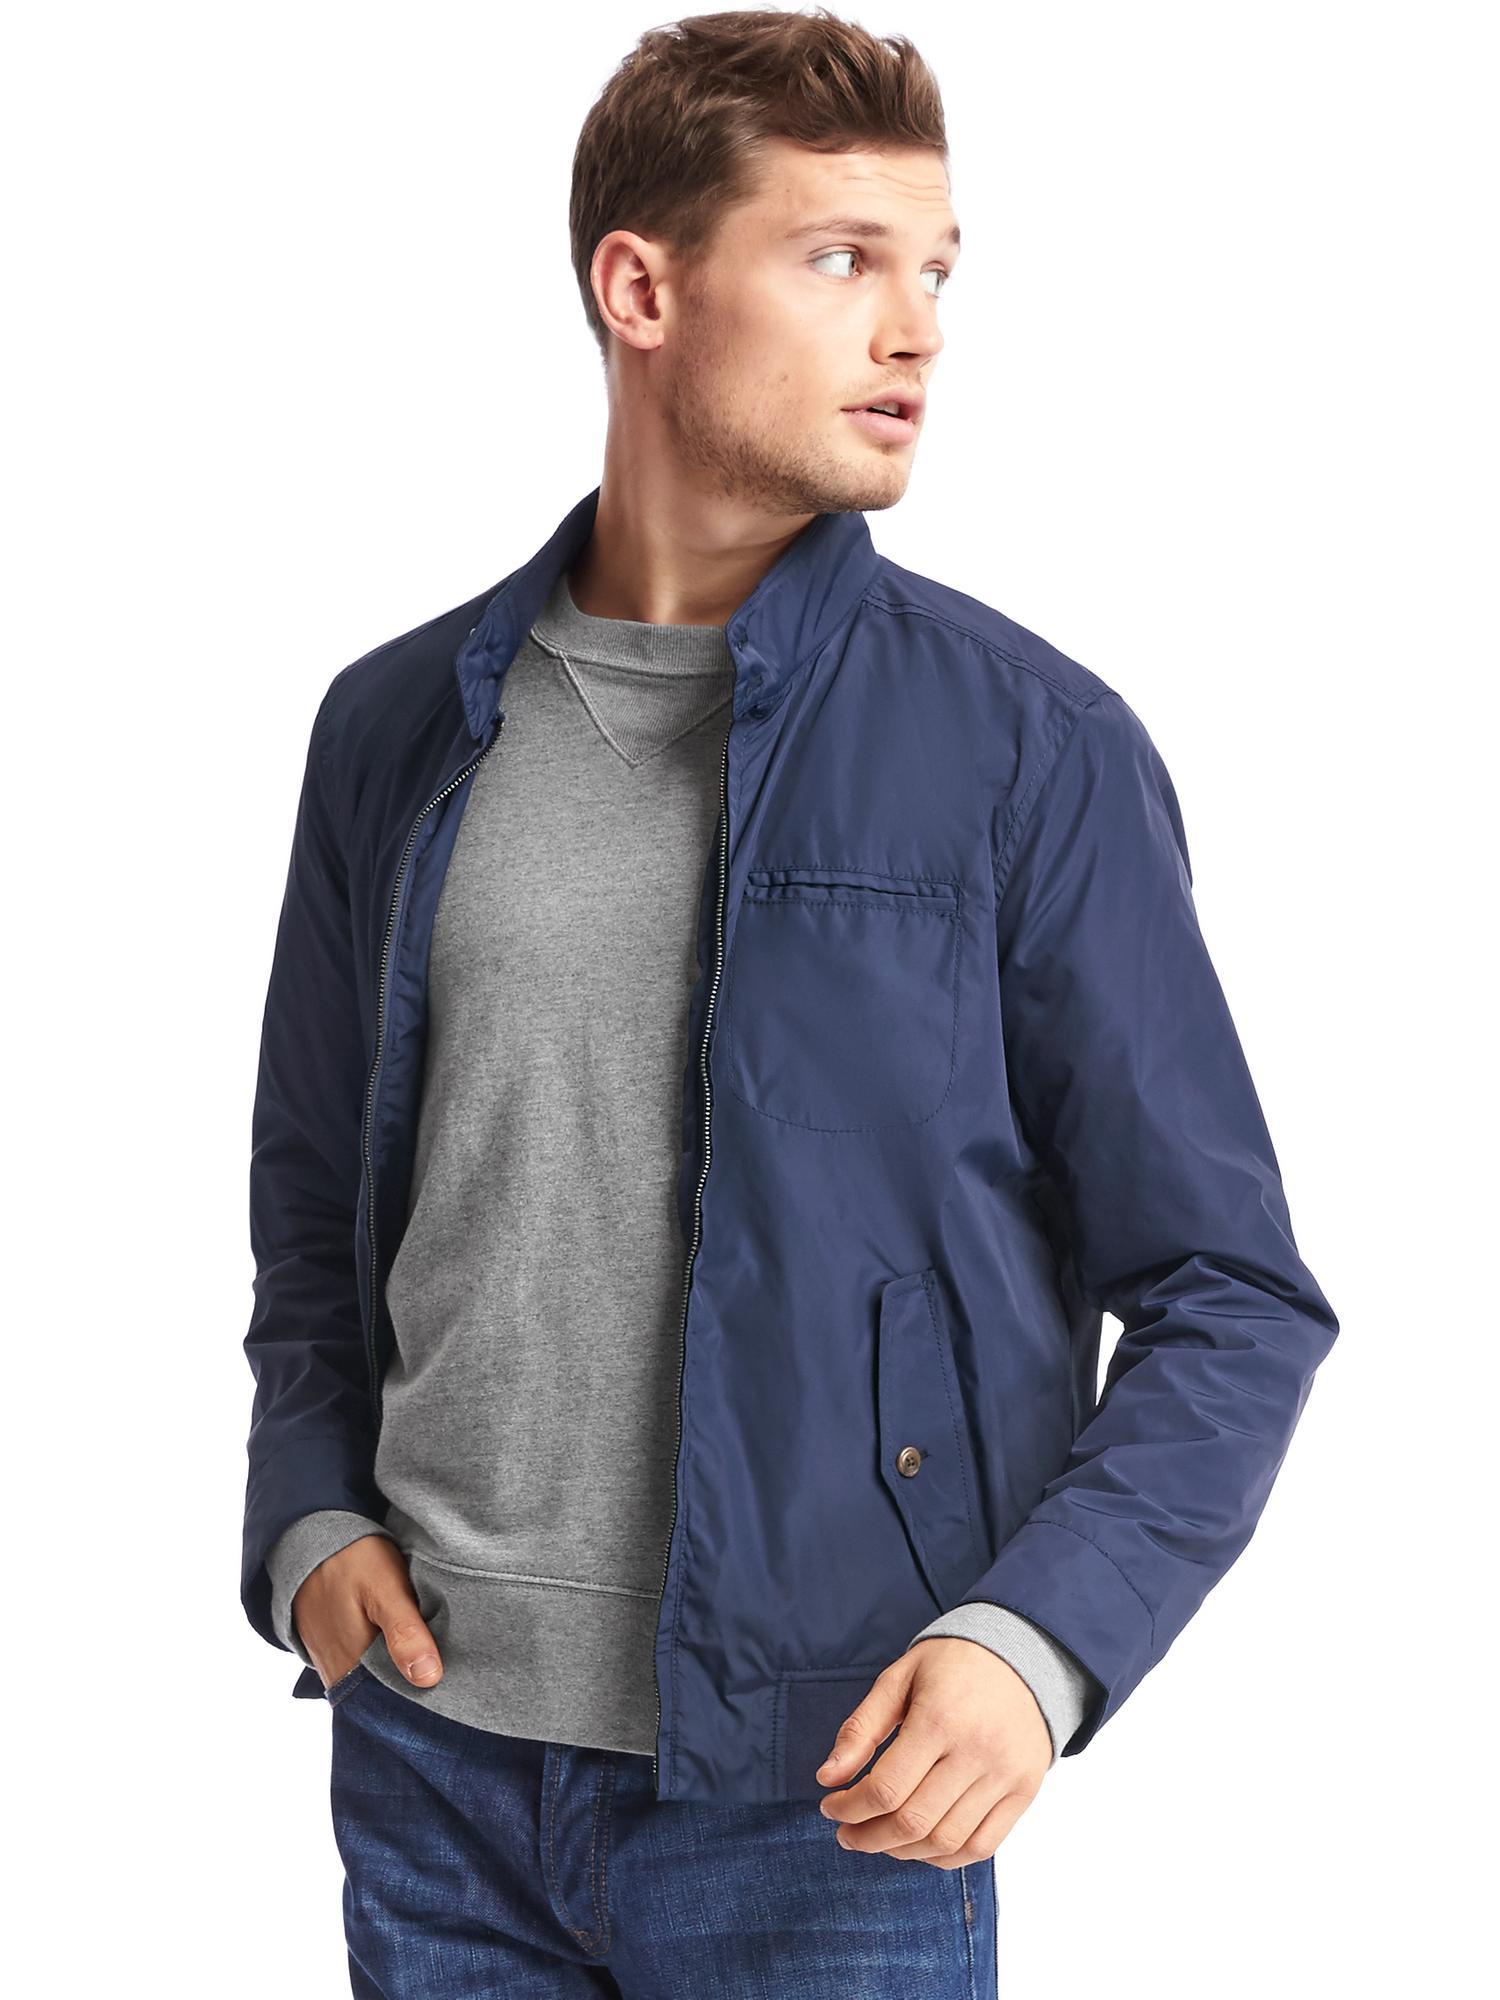 Lightweight Harrington Jacket